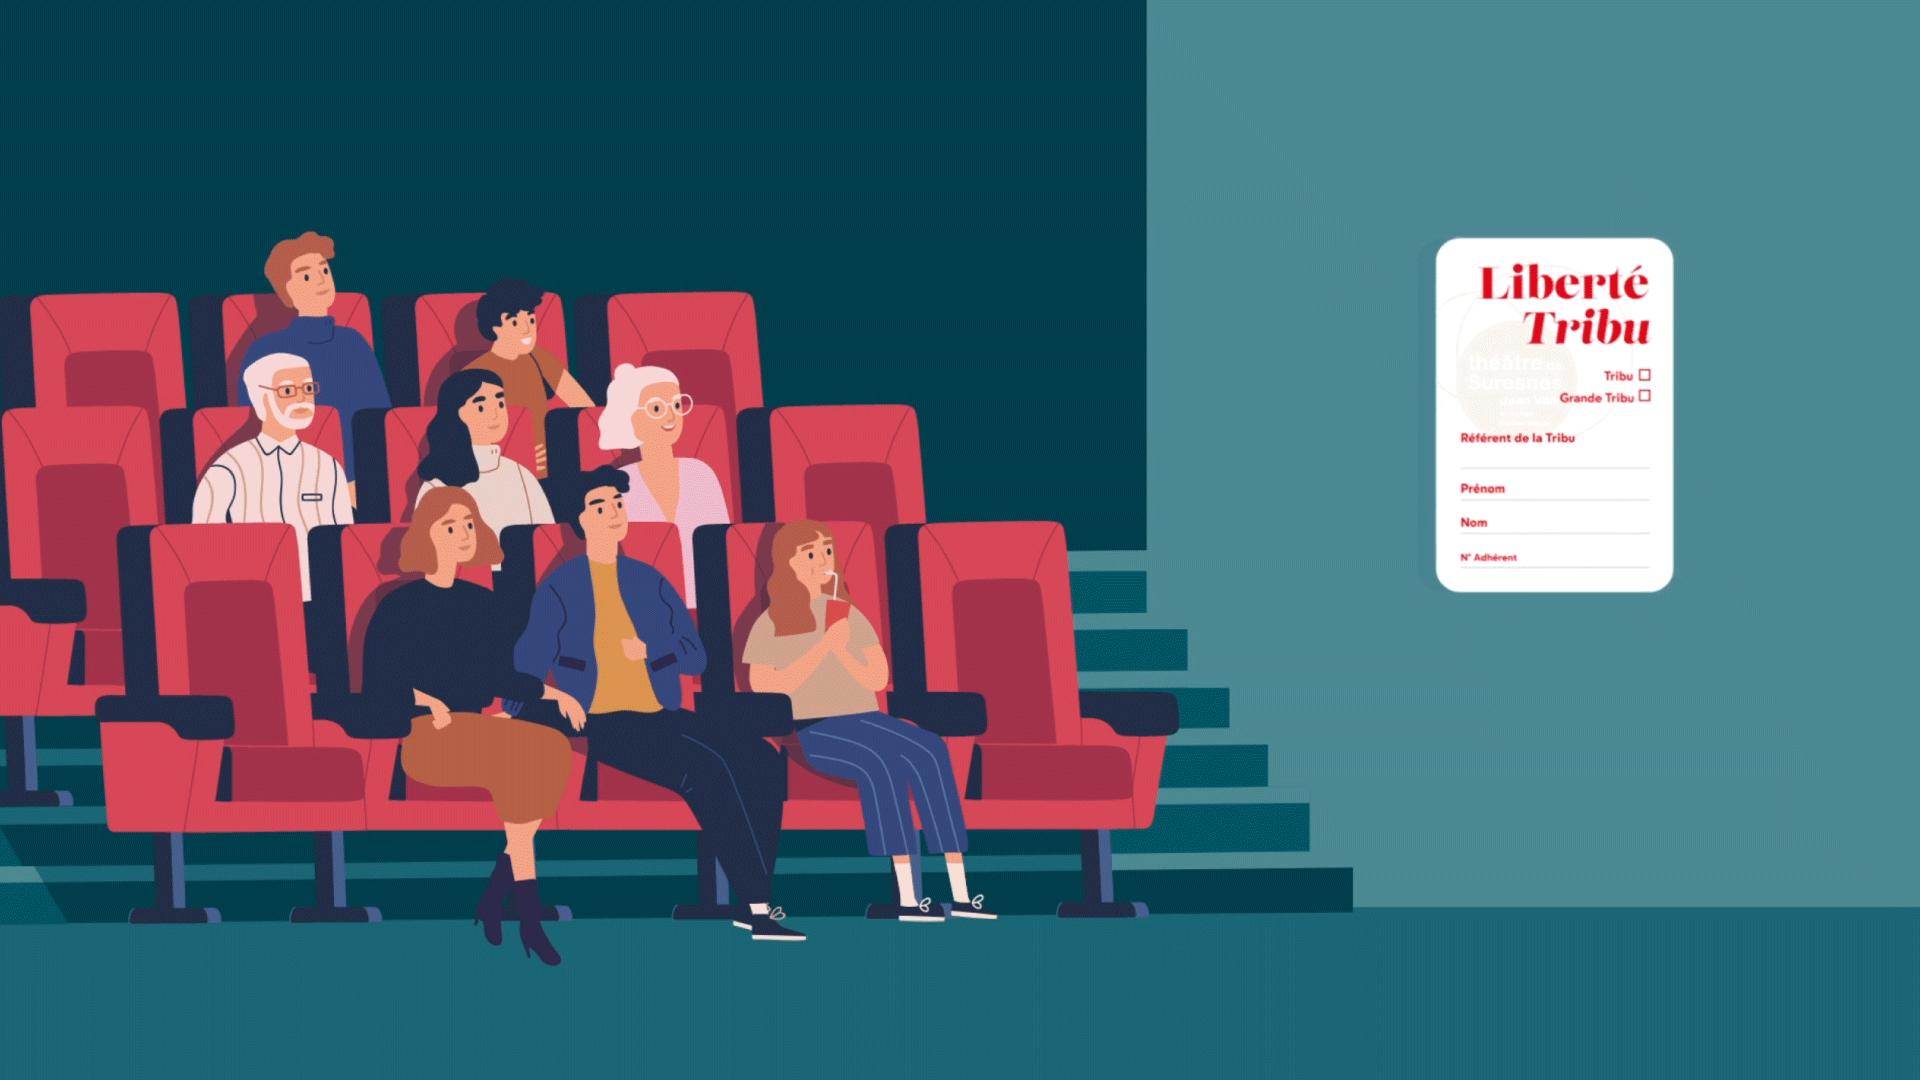 Théâtre de Suresnes image 3